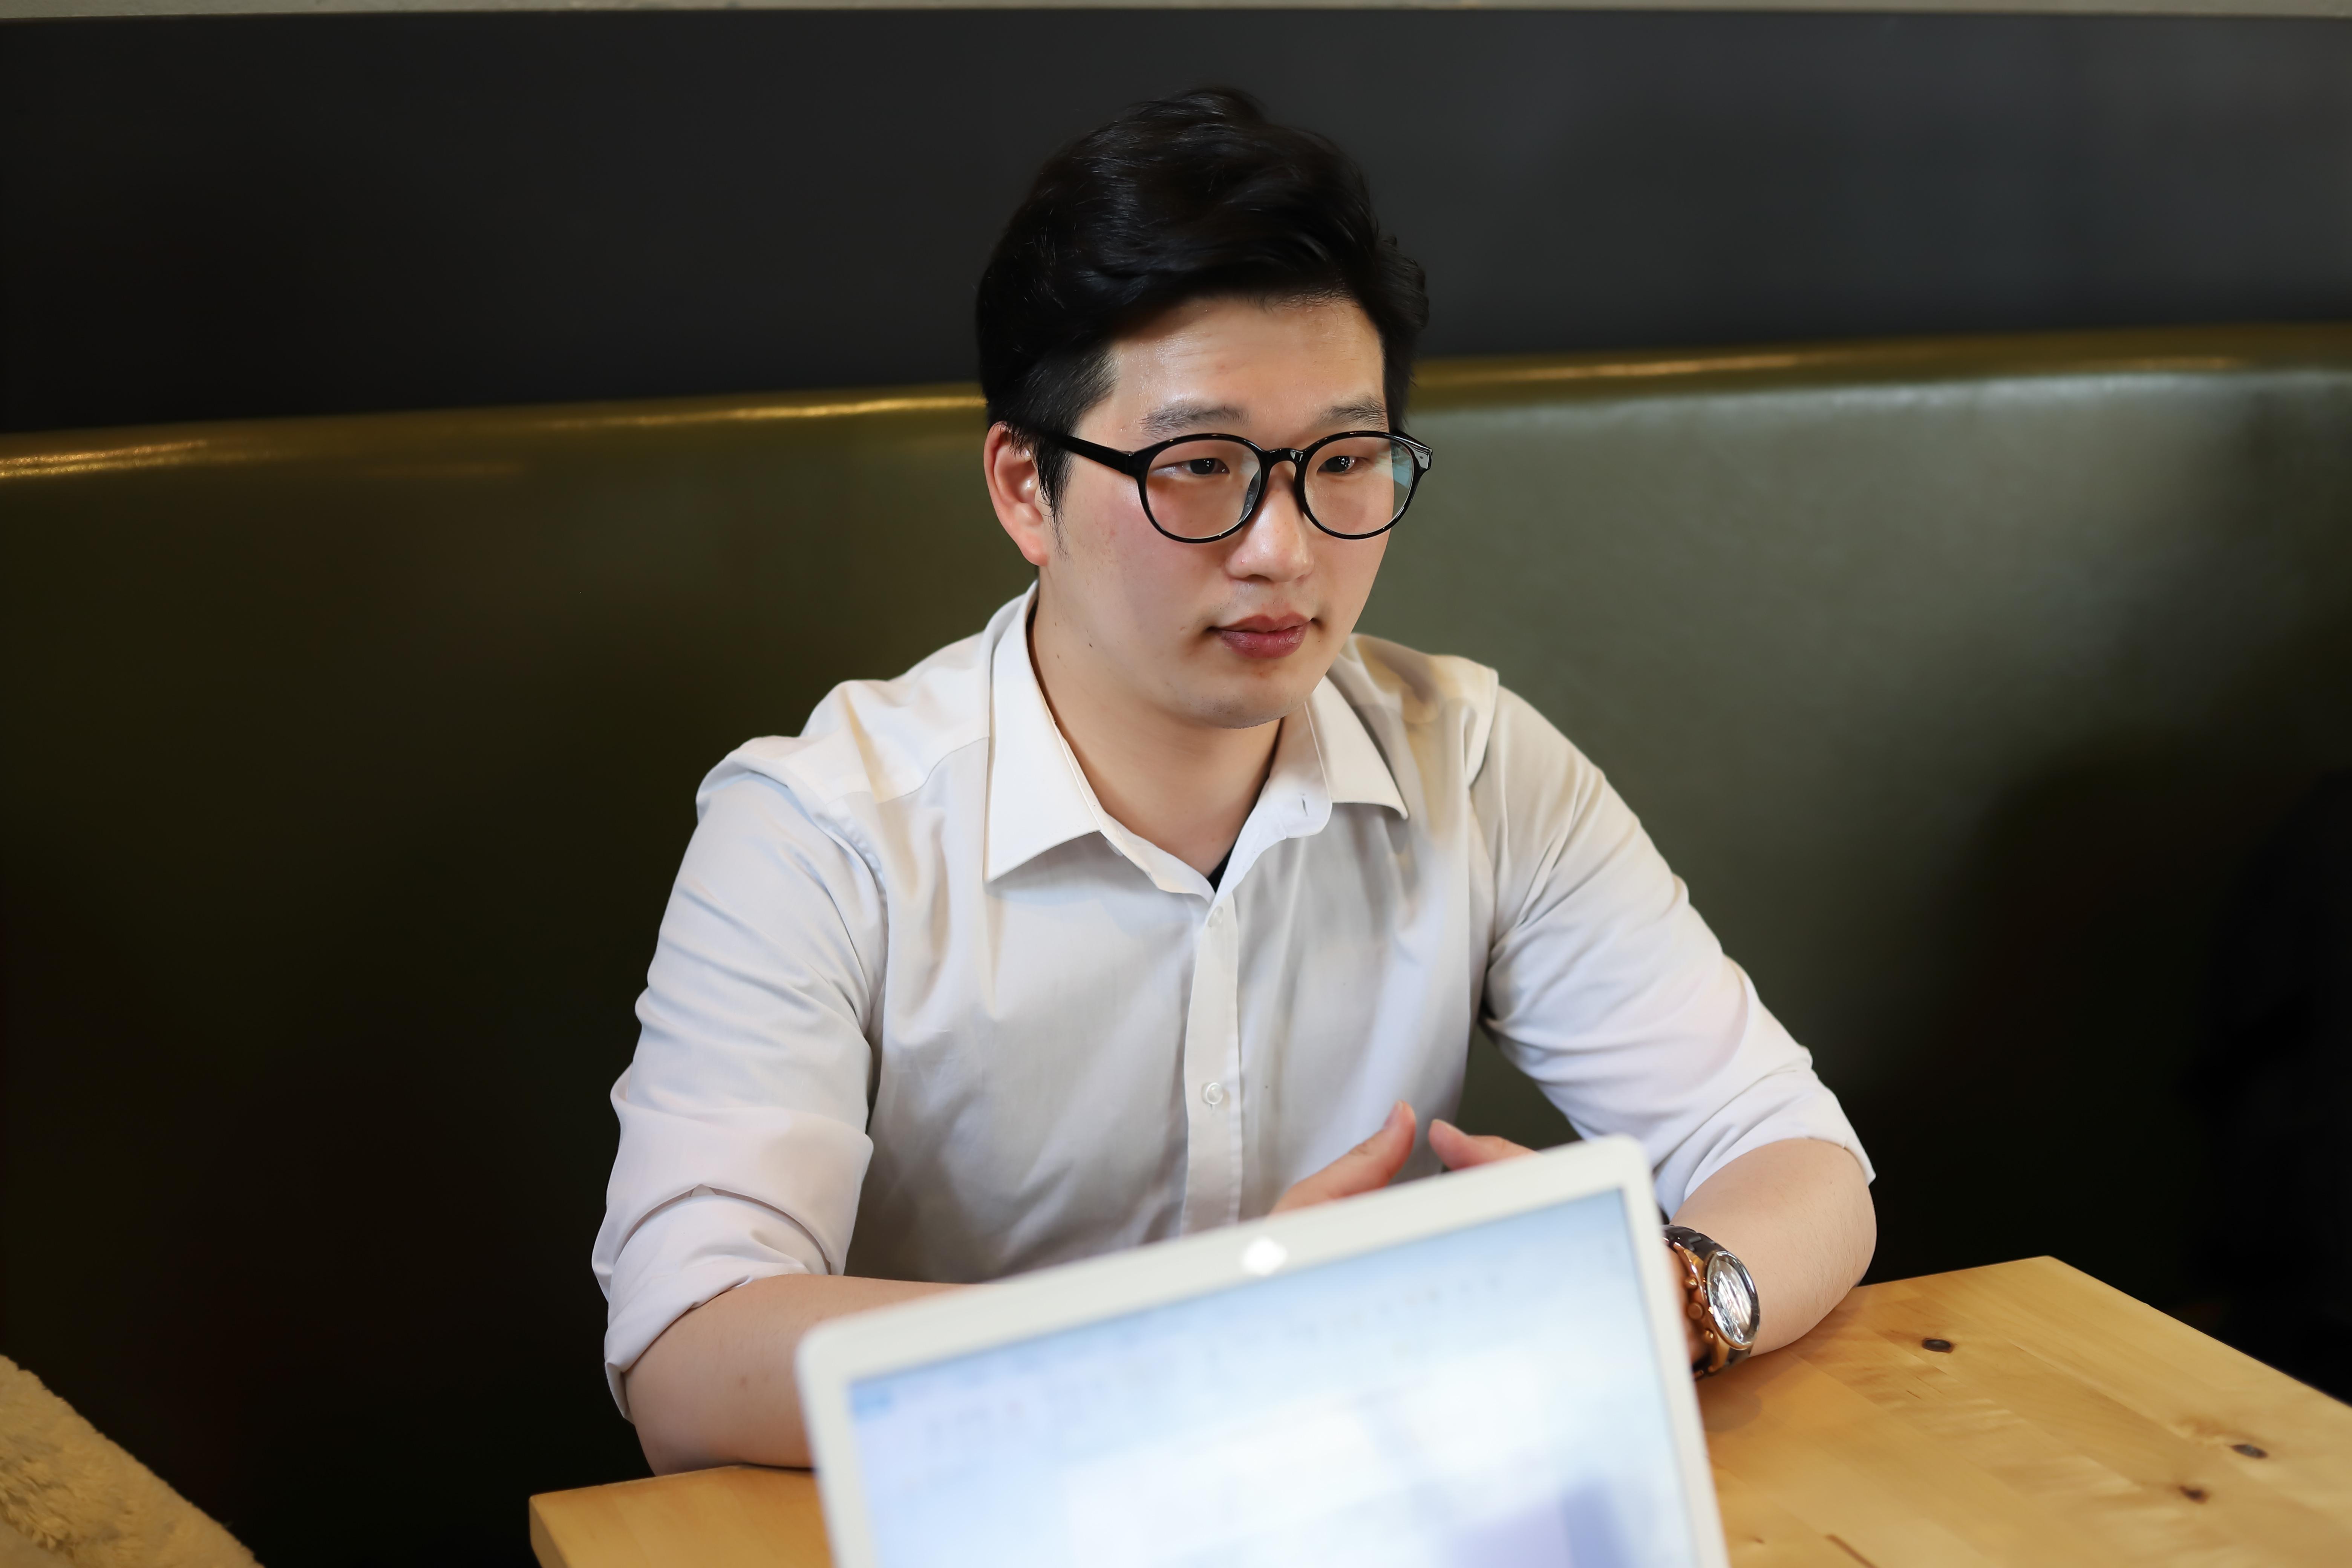 교육부주관 해외파견 한국어 교원 선발, 한덕희 교우 인터뷰